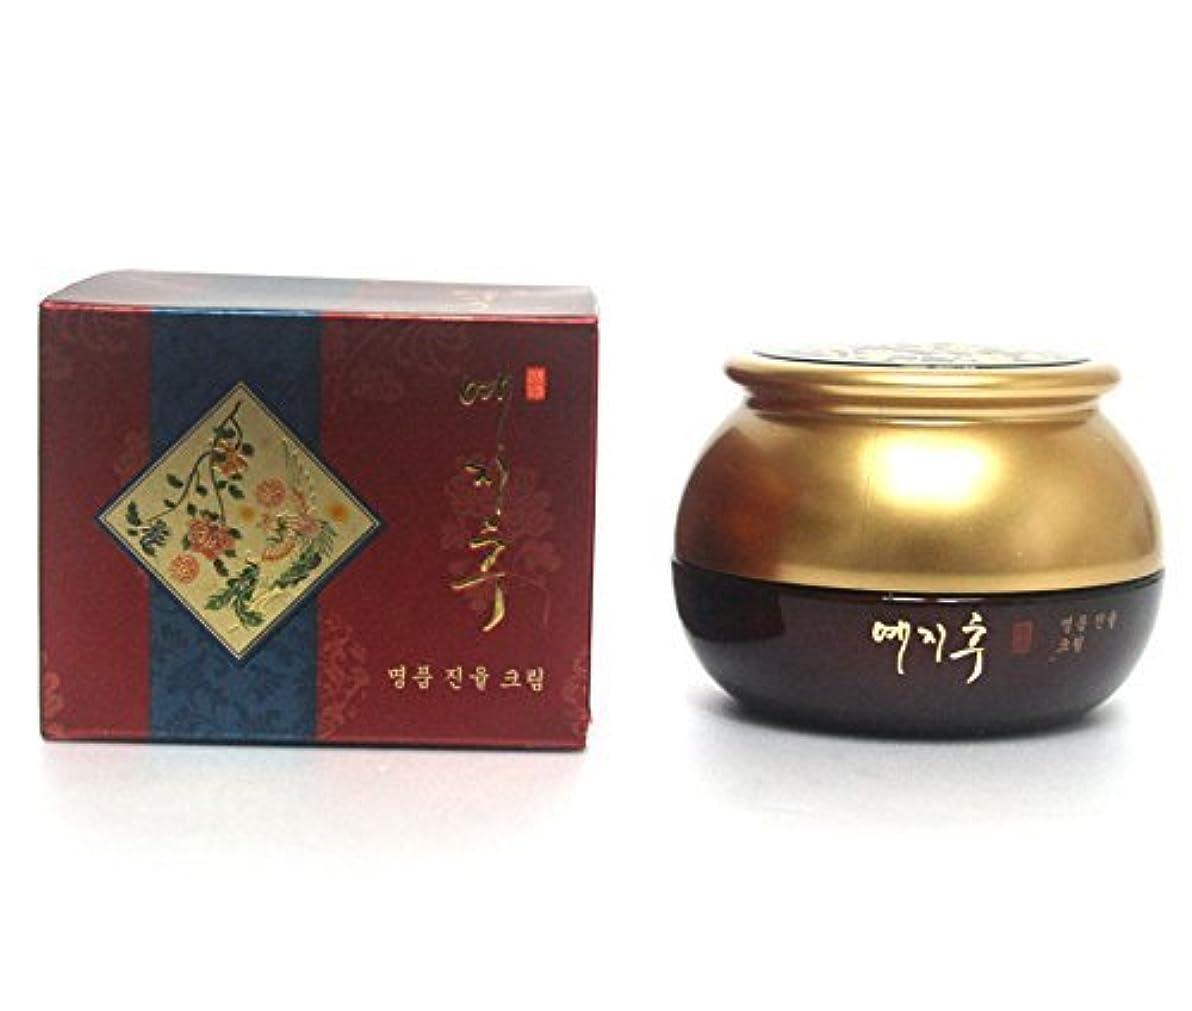 地上の届けるグリル[YEZIHU] 紅参クリーム50g / ナチュラルオリエンタルハーブ / 韓国化粧品 / RED Ginseng Cream 50g / Natural Oriental Herbs / Korean Cosmetics...